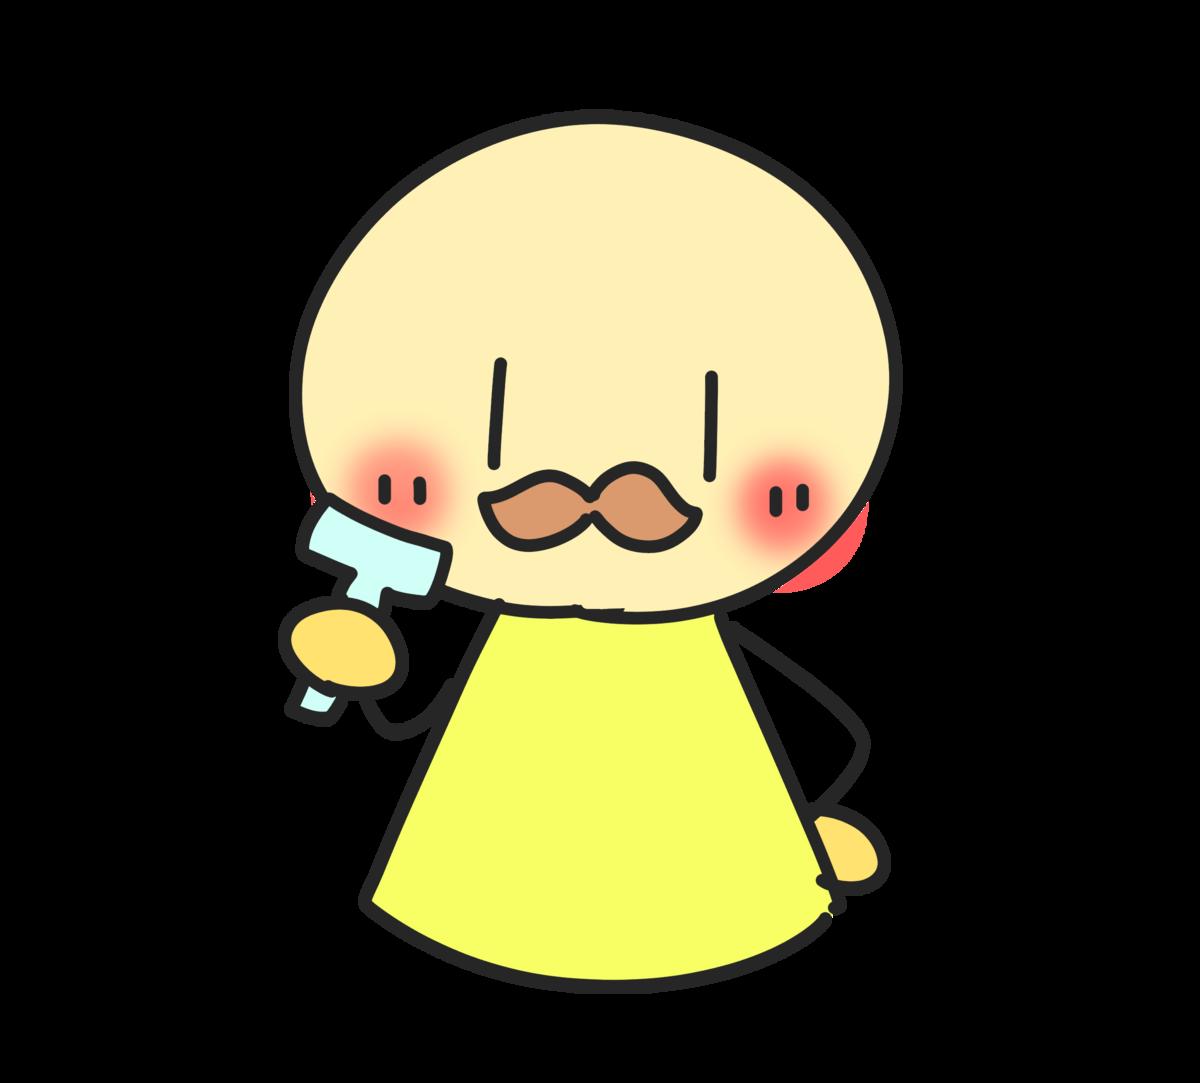 ひげそりのイラスト